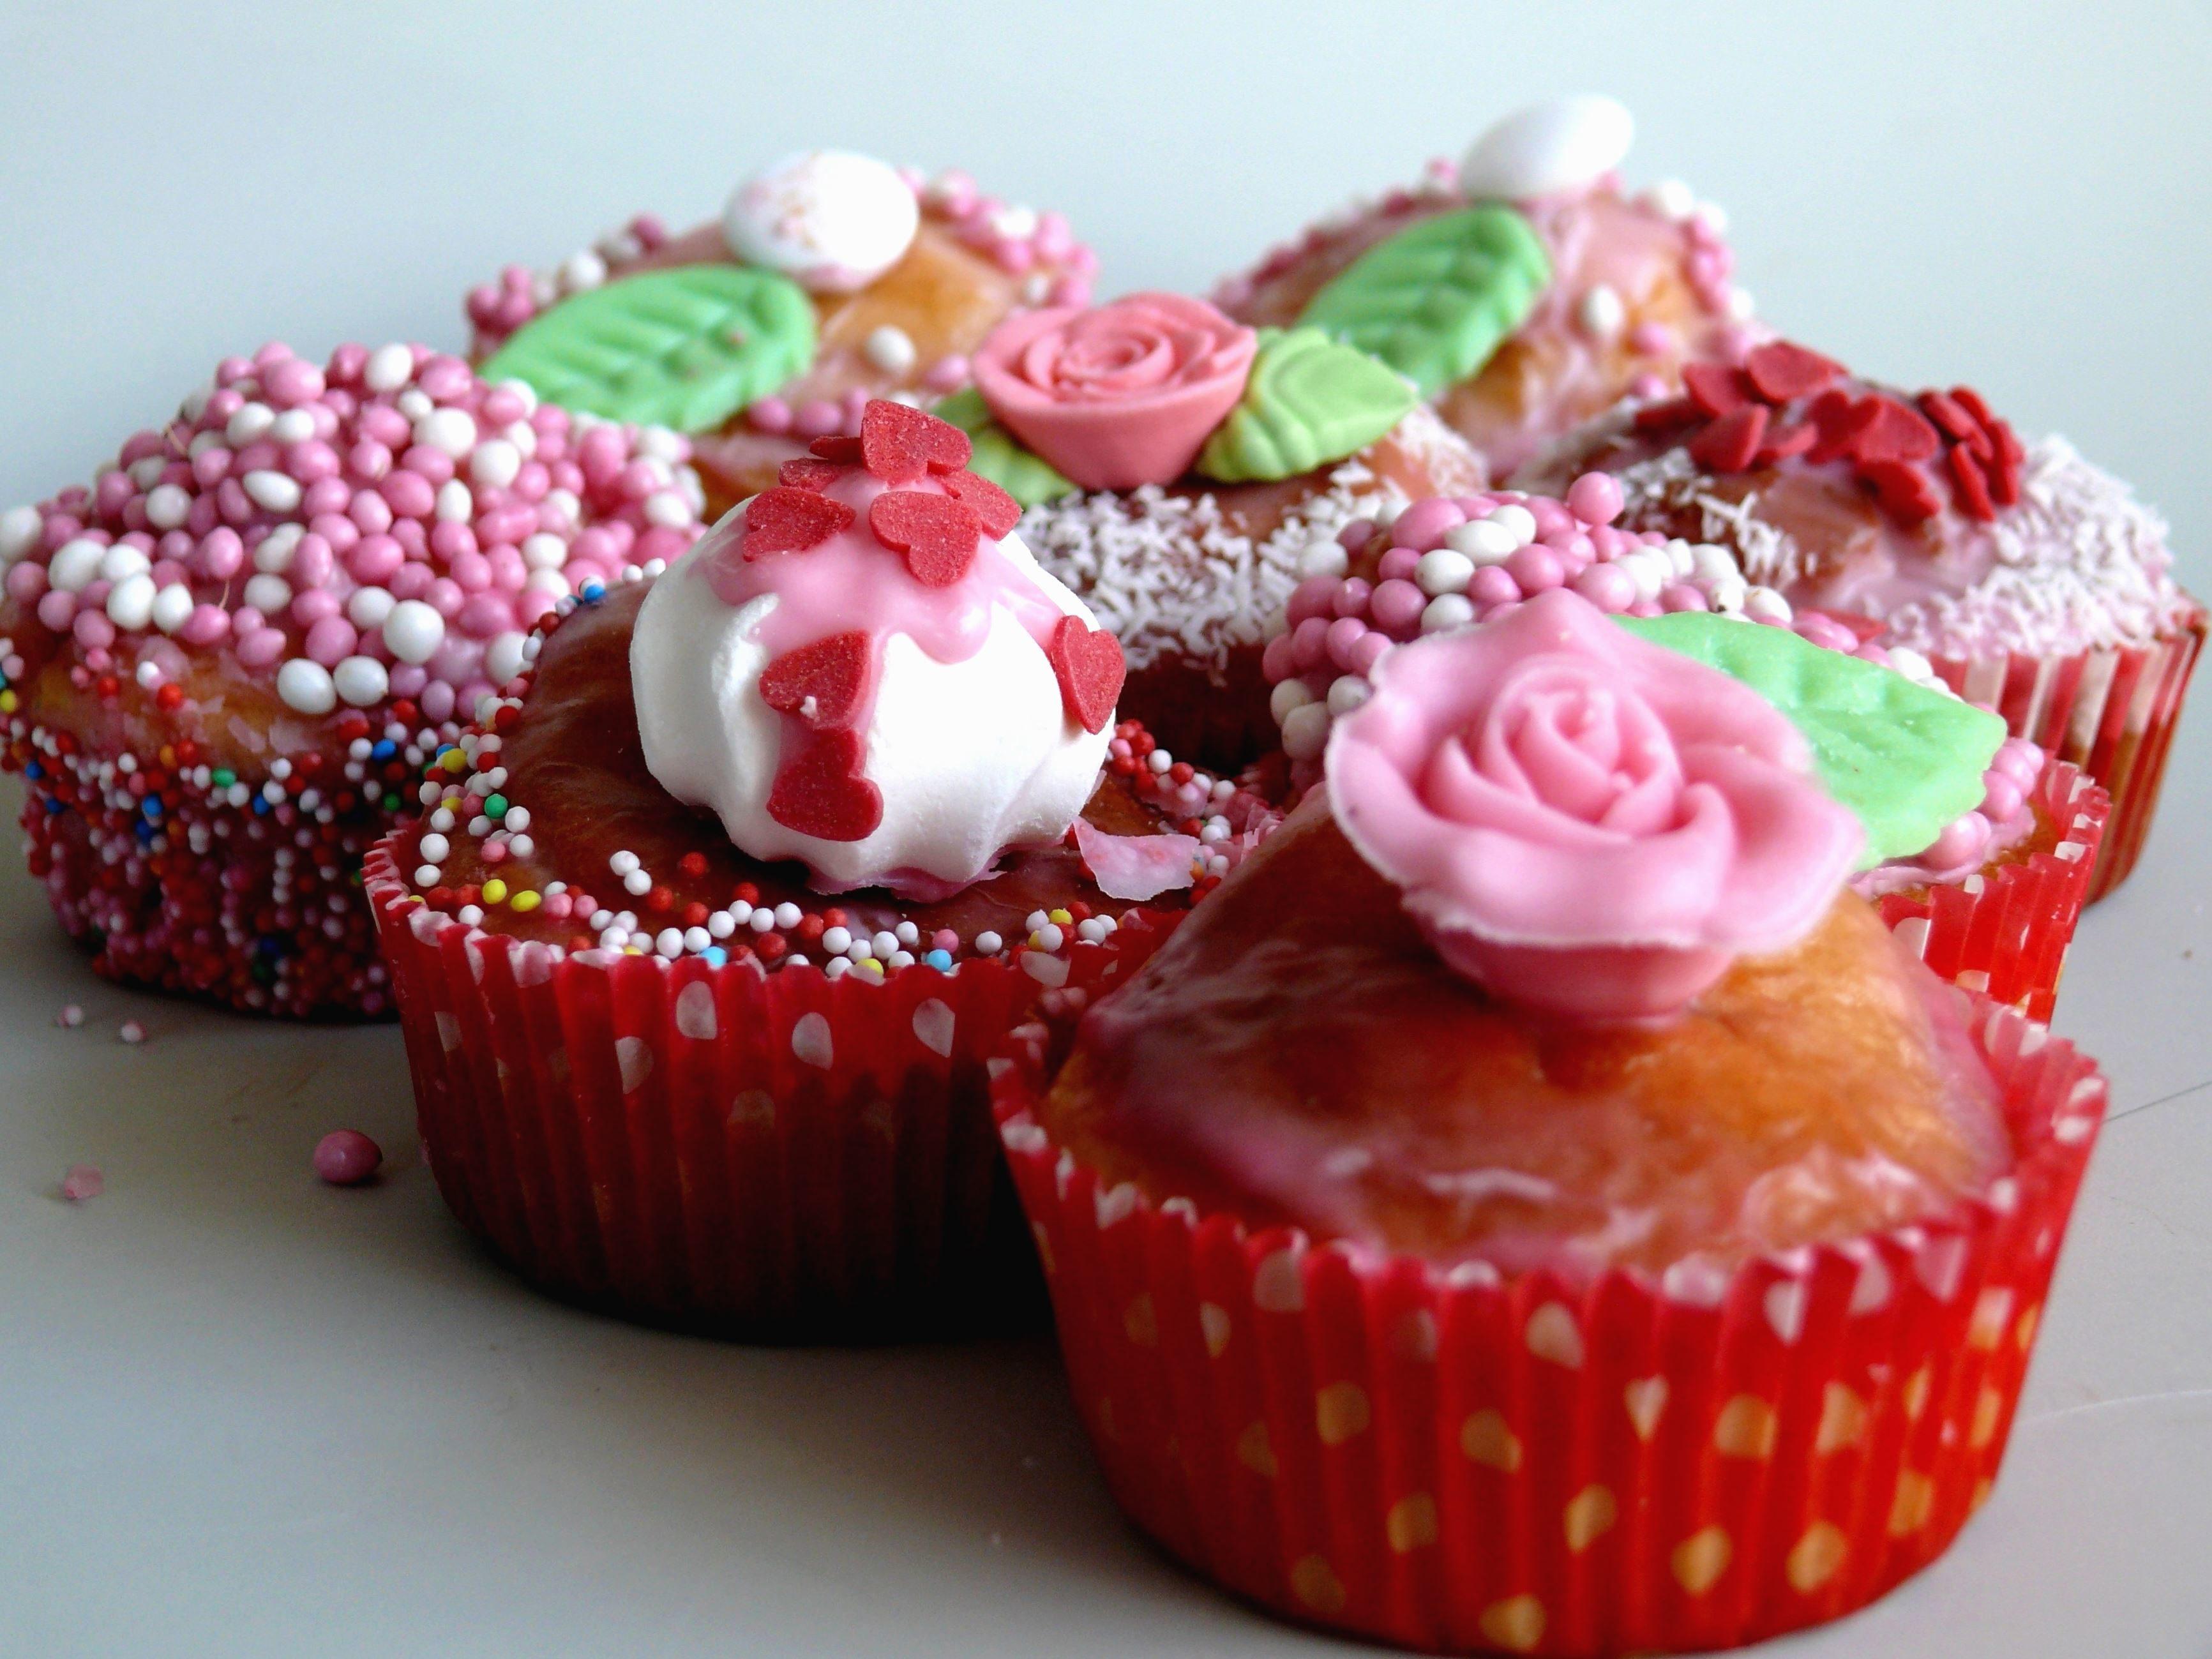 Kostenlose bild kuchen dekoration k stlich dessert s for Dekoration kuchen